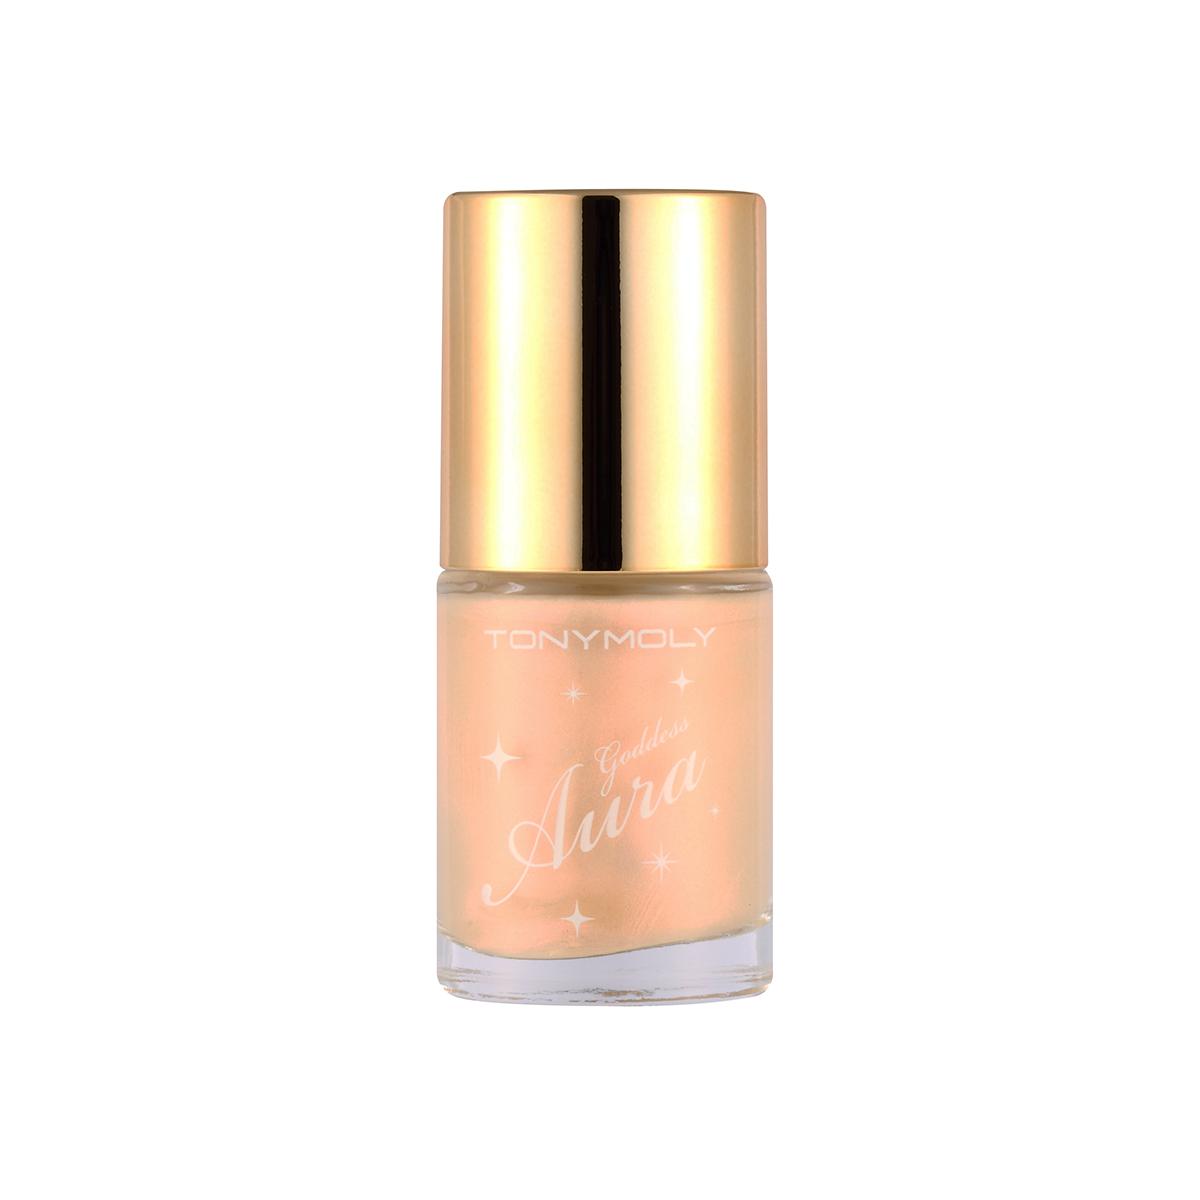 TonyMoly Жидкий хайлайтер Luminous Goddess Aura Crystal Light 02 Gold Glam, 10 млBM08002300Мягкий хайлайтер с кремовой текстурой, помогает скорректировать овал лица, подчеркнуть и высветить отдельные его зоны. Средство обеспечивает максимально естественное покрытие, отлично ложится на кожу любого типа и прекрасно растушевывается. В составе хайлайтера содержатся масла арганы, шиповника и оливы, мягко увлажняющие и питающие кожу. Порошок жемчуга и аметиста придает коже деликатное свечение, визуально делая ее здоровой, свежей и отдохнувшей. Gold Glam – хайлайтер с мягким золотисто-бежевым свечением, скрывает морщинки и расширенные поры.